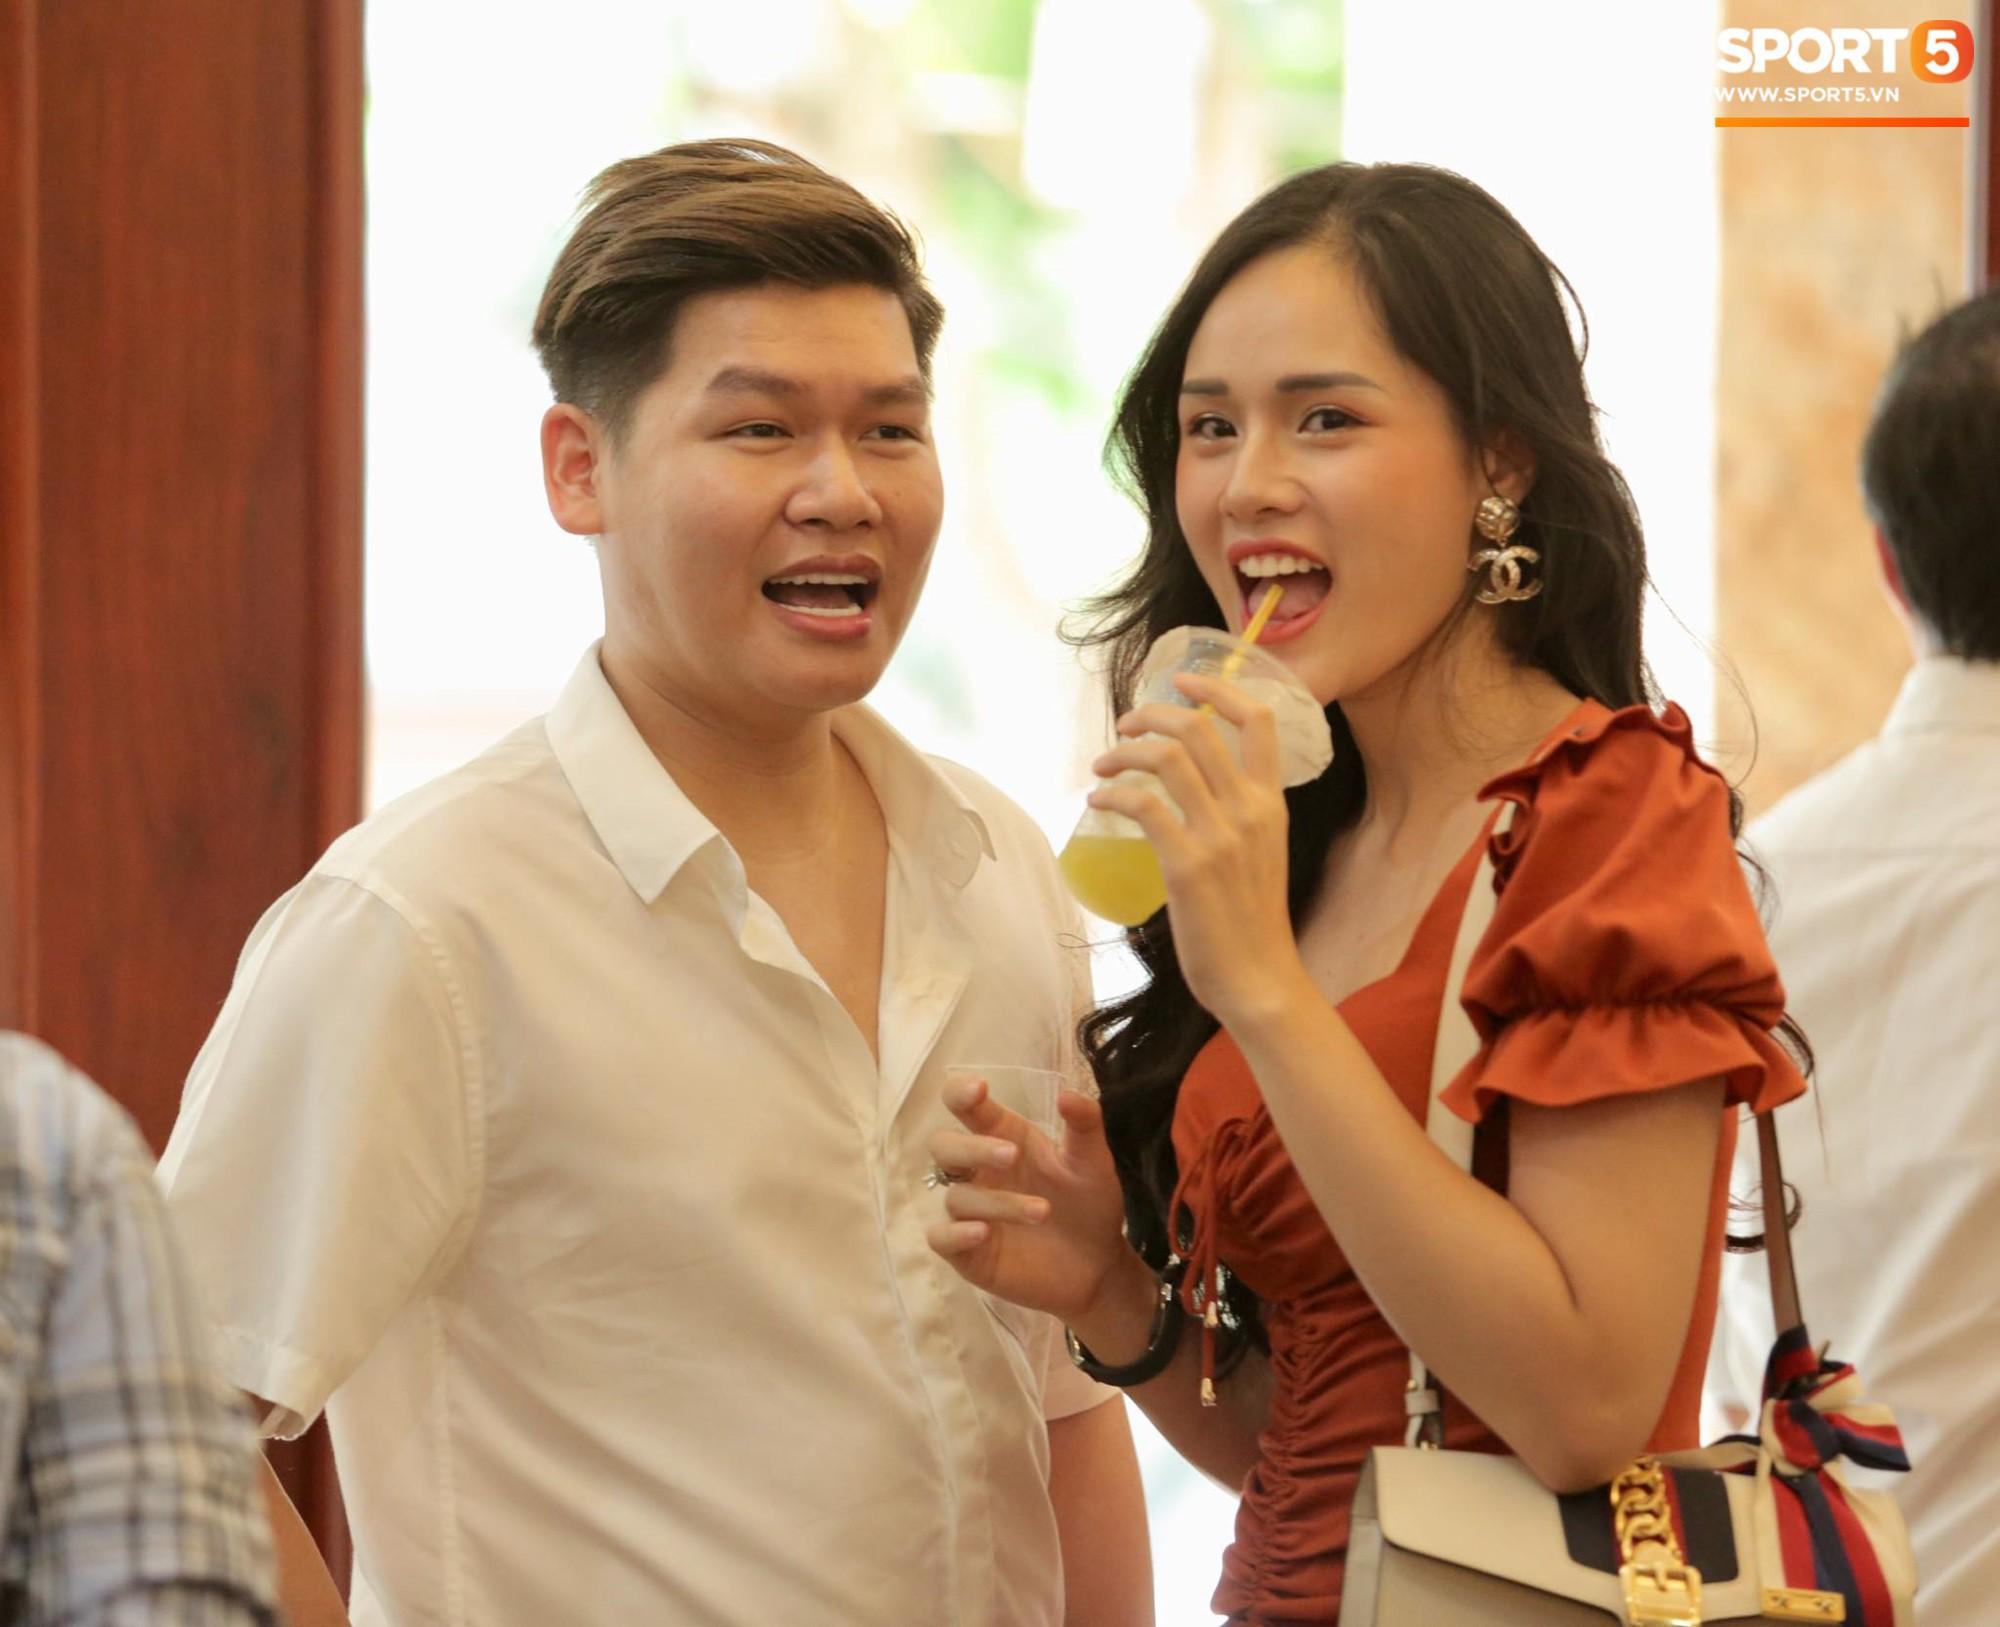 Bùi Tiến Dũng và cô dâu Khánh Linh hôn nhau say đắm, hát Nắm Lấy Tay Anh cực ngọt ngào-7